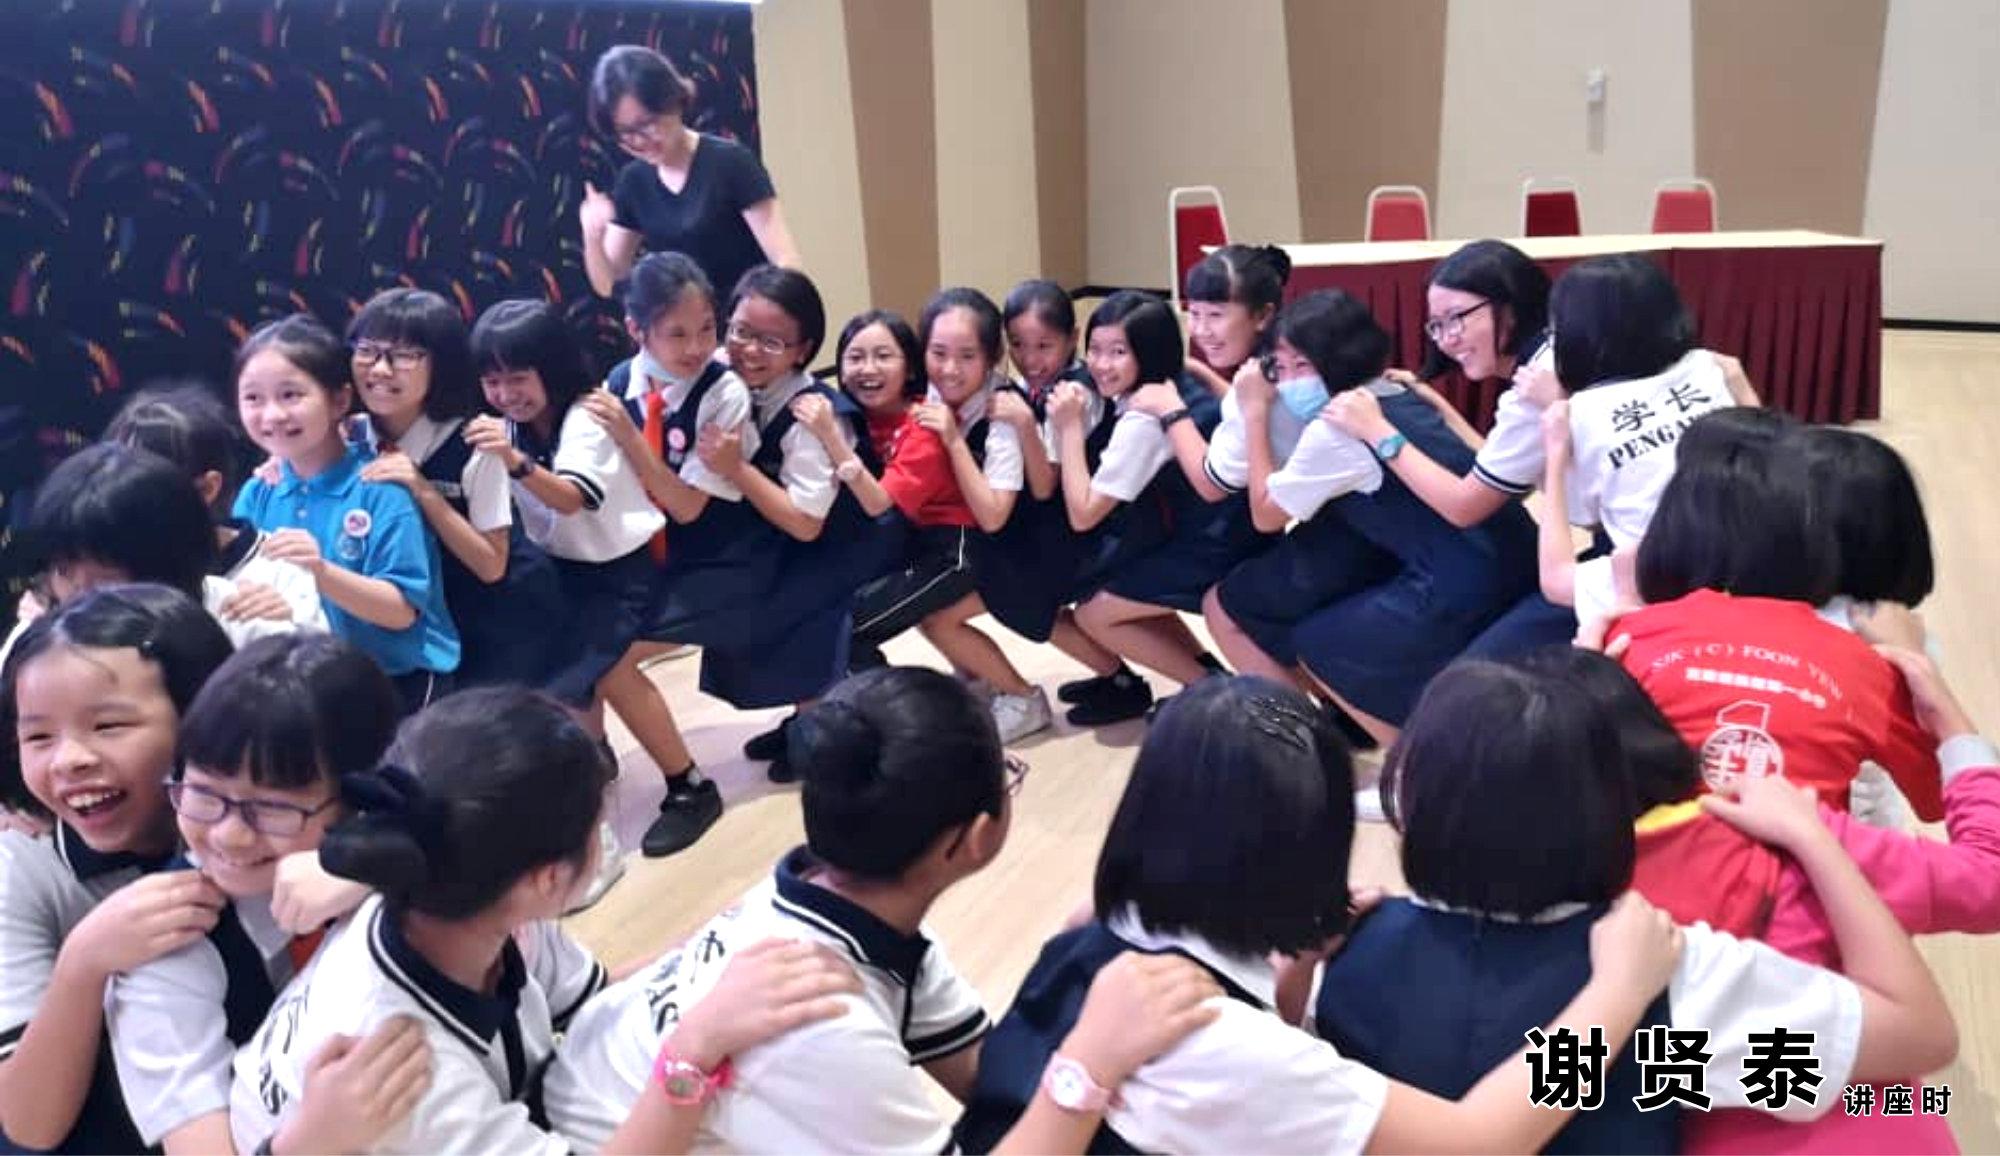 谢贤泰 新山宽柔一小 成为团队领袖 Be A Team Leader 2020小领袖培训营 麻坡小学领袖培训 新山小学培训 A023